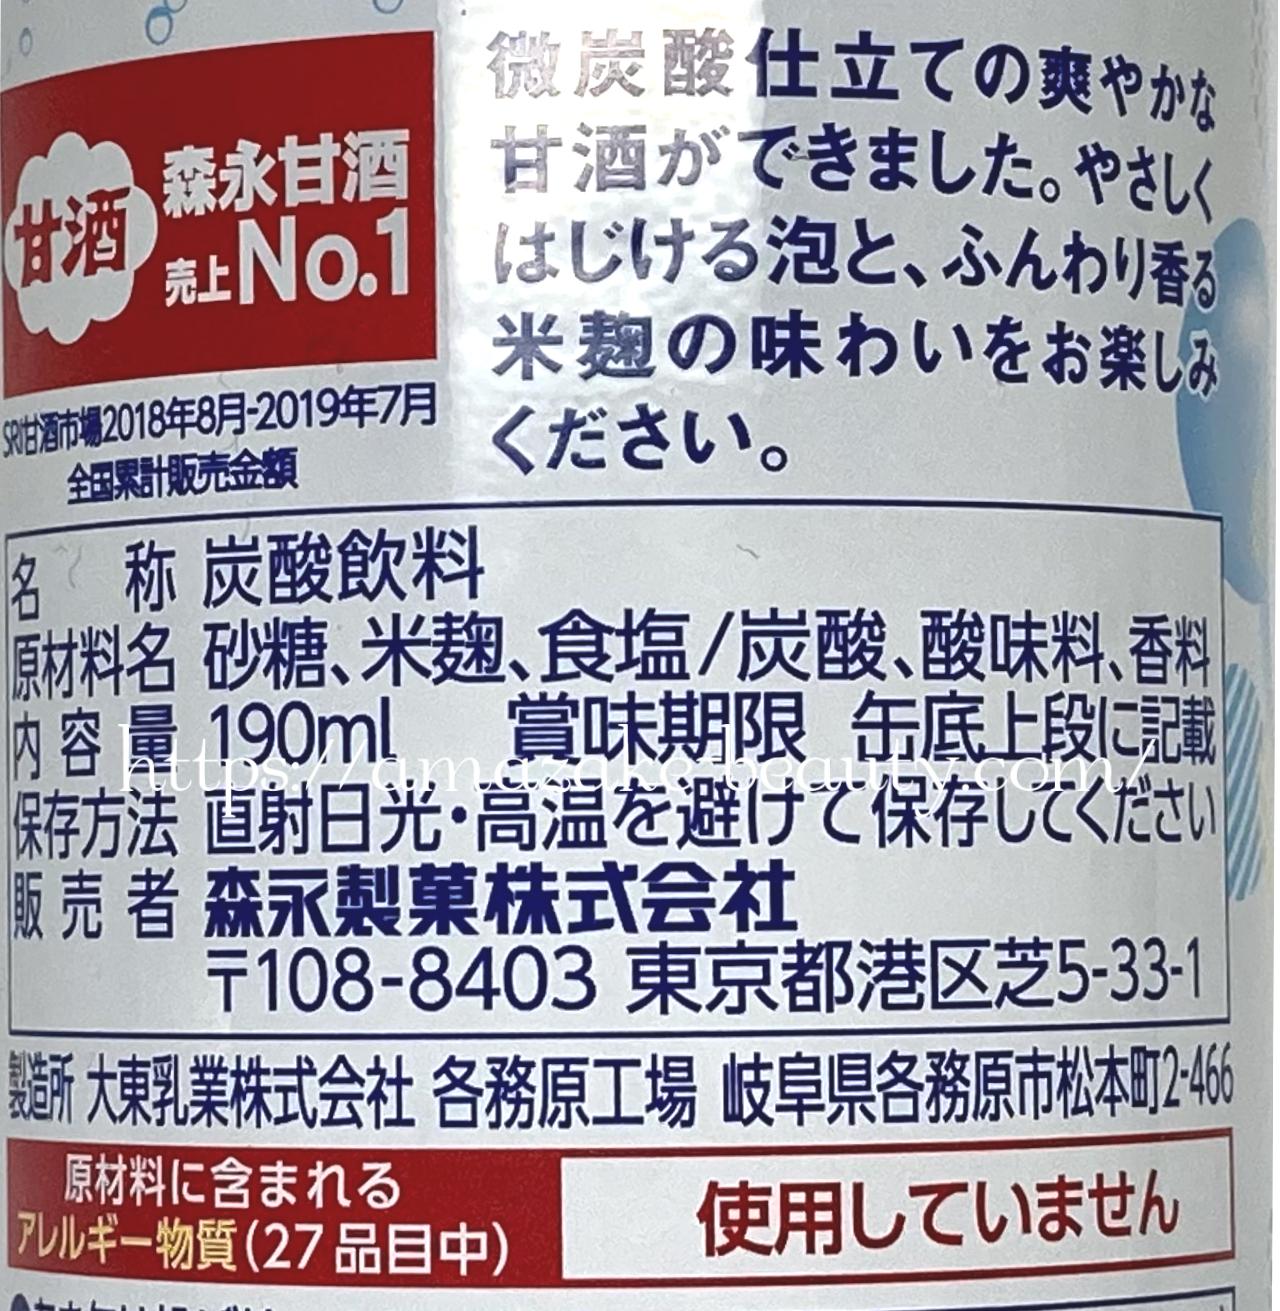 [amazake]morinagaseika[supakuringu komekoji amazake](product description)